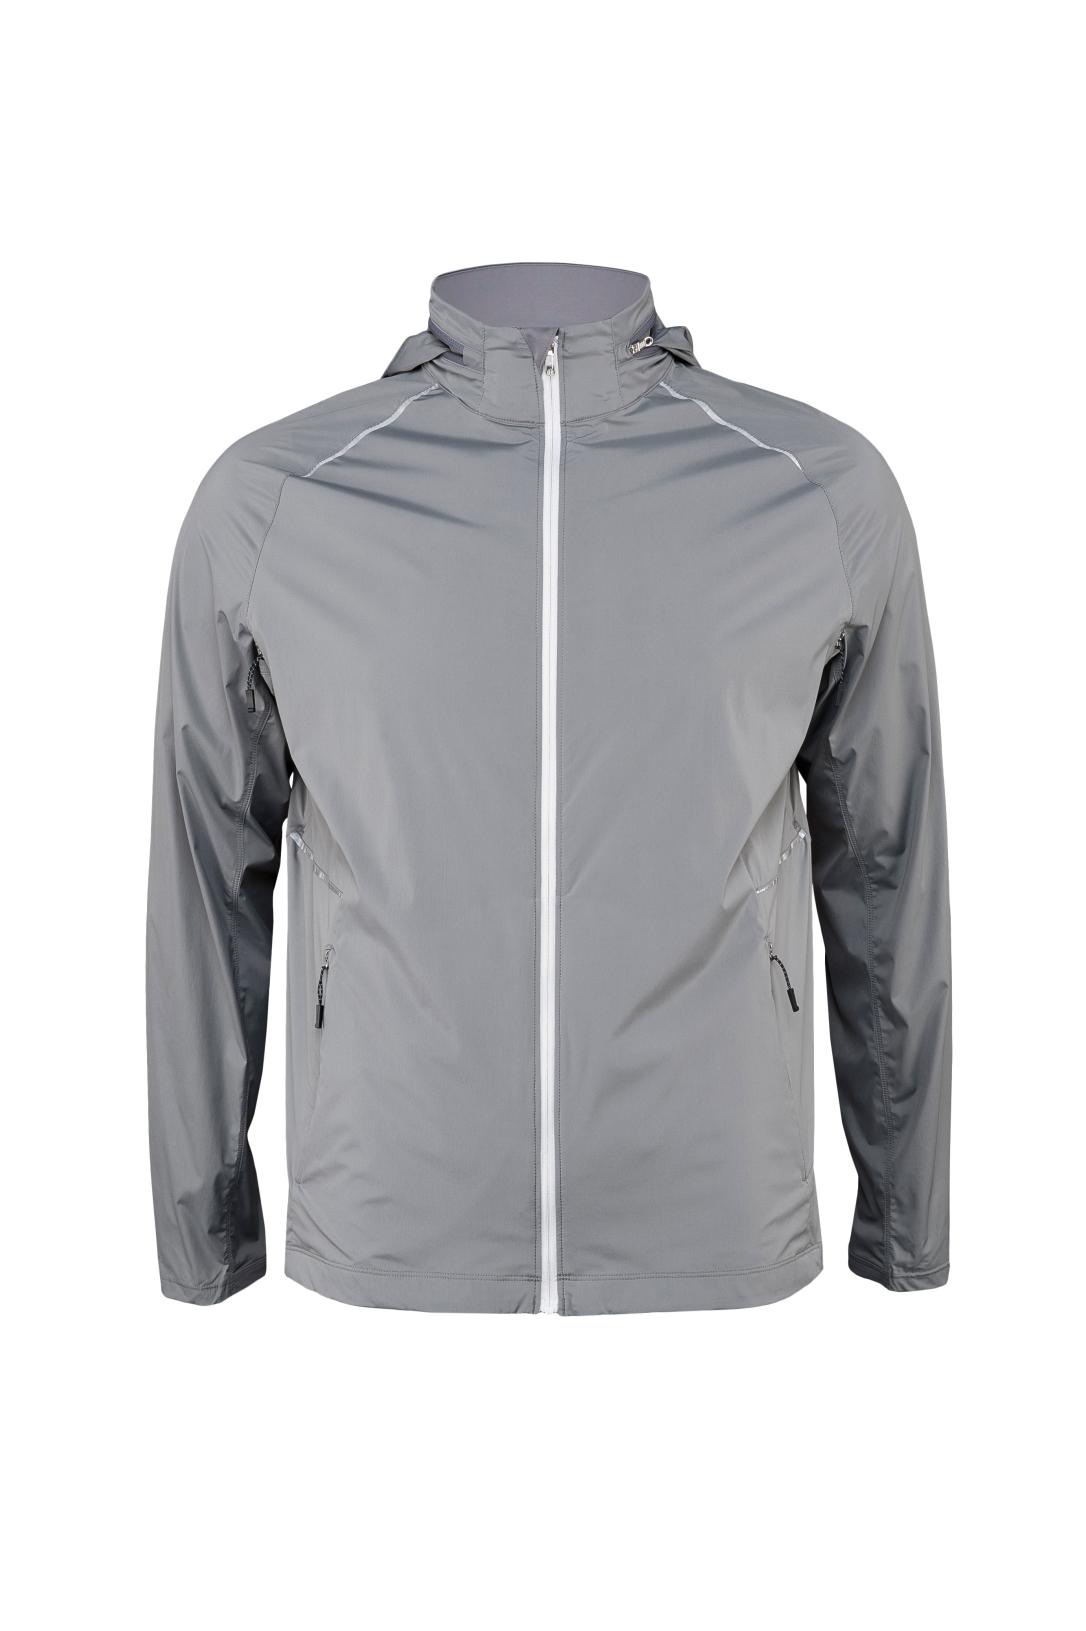 Surge Jacket, 148 €, chez Lululemon